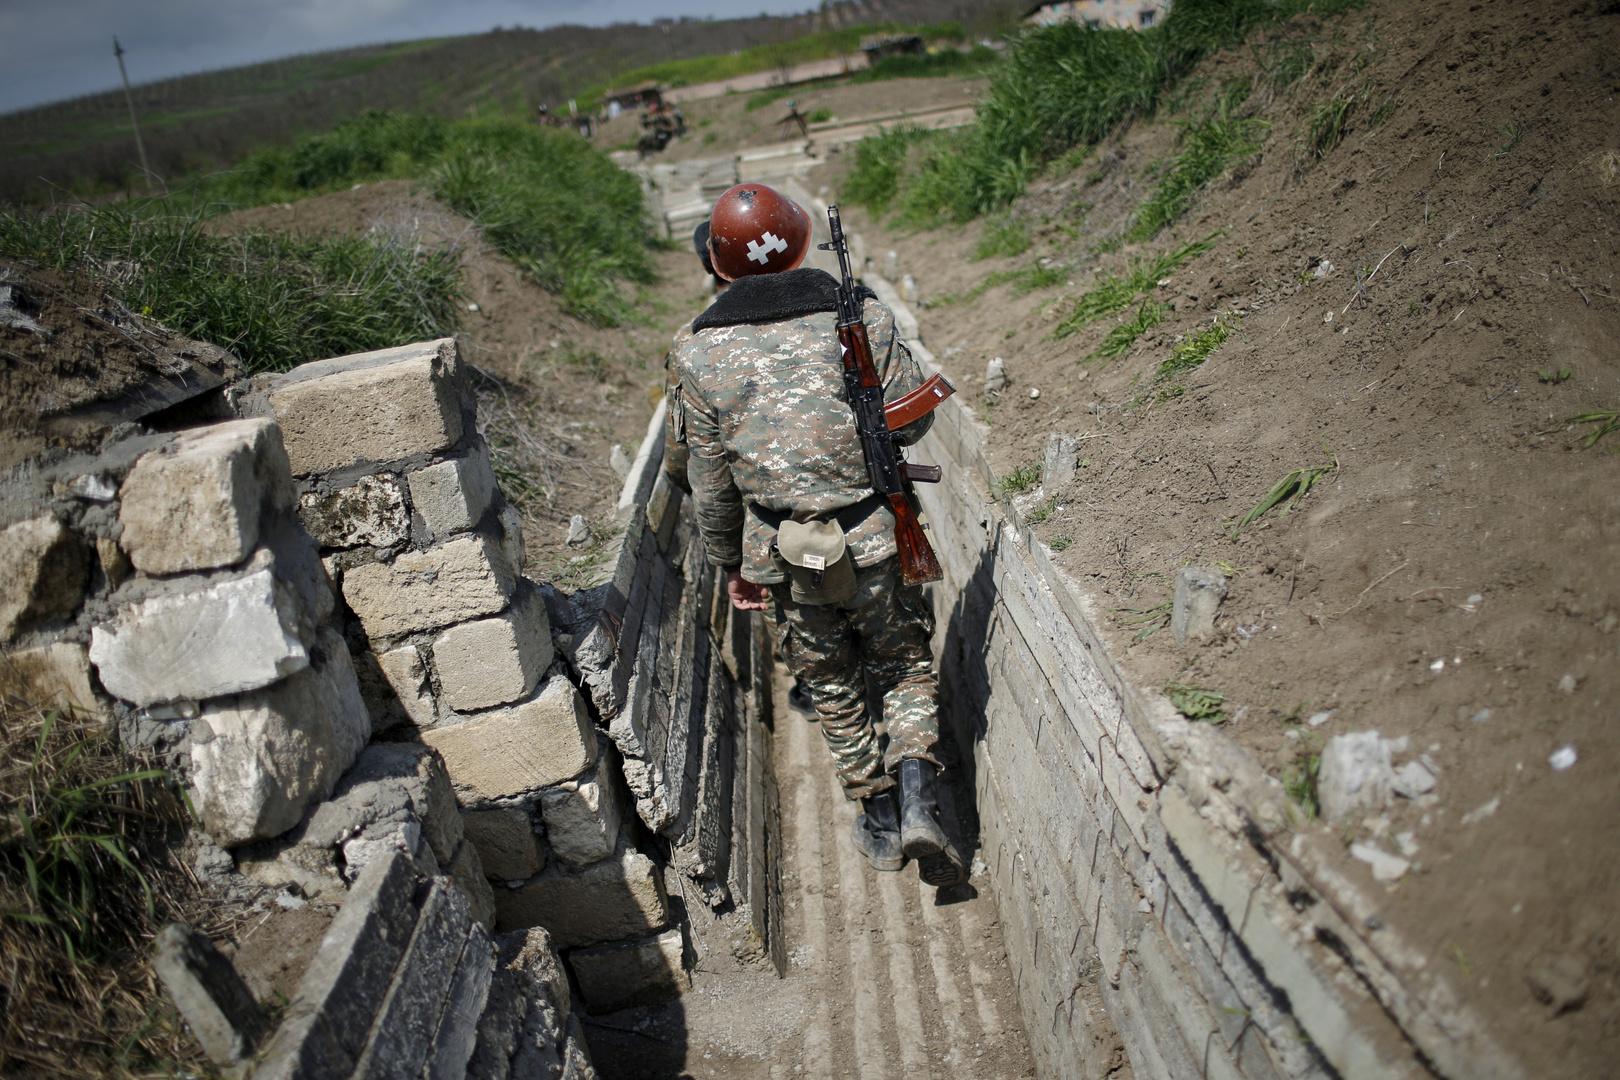 أرمينيا: تدخل تركيا في قره باغ واضح ونحقق في تقارير عن مسلحين سوريين